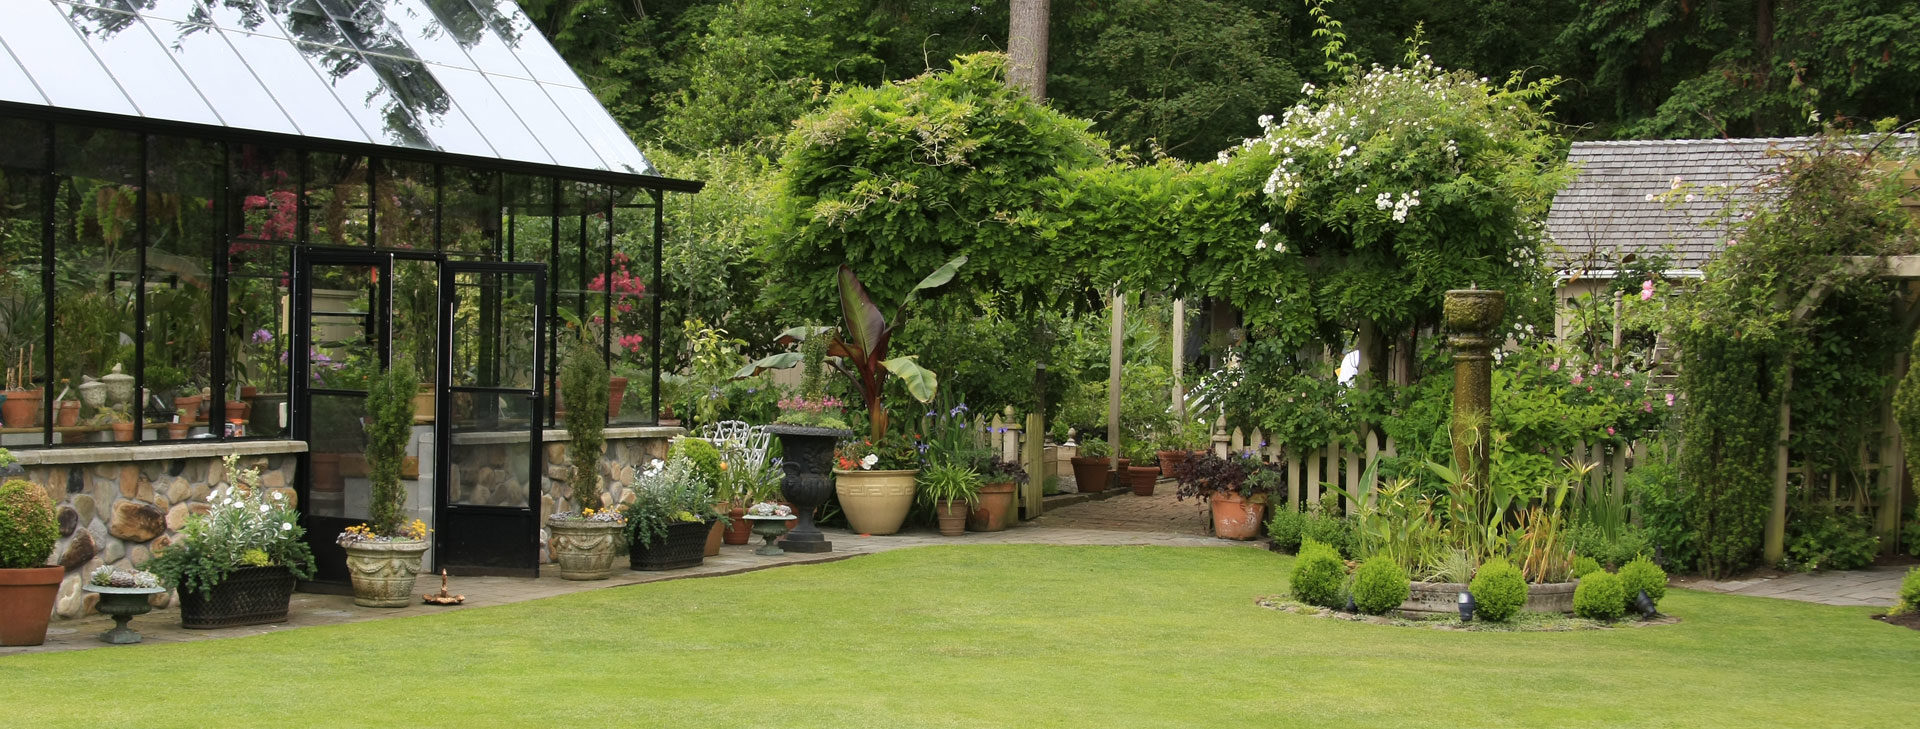 Un jardin paysagé<br /> toujours entretenu quelque soit la saison